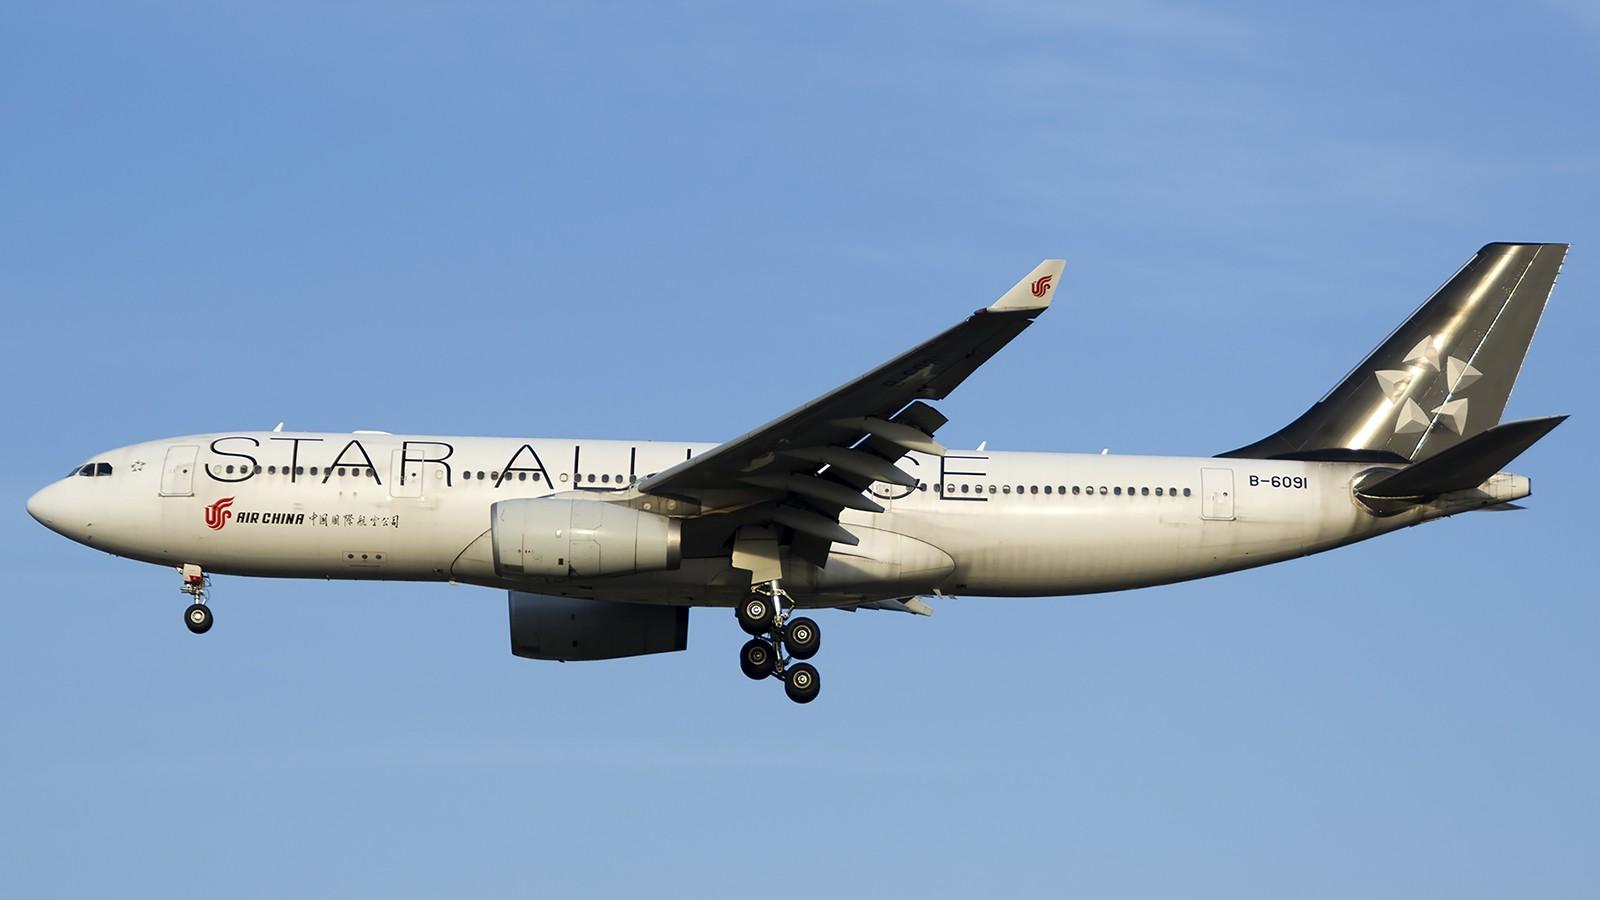 Re:[原创]难得赶上PEK周末好天气,各种常见机型都有收获 AIRBUS A330-200 B-6091 中国北京首都机场